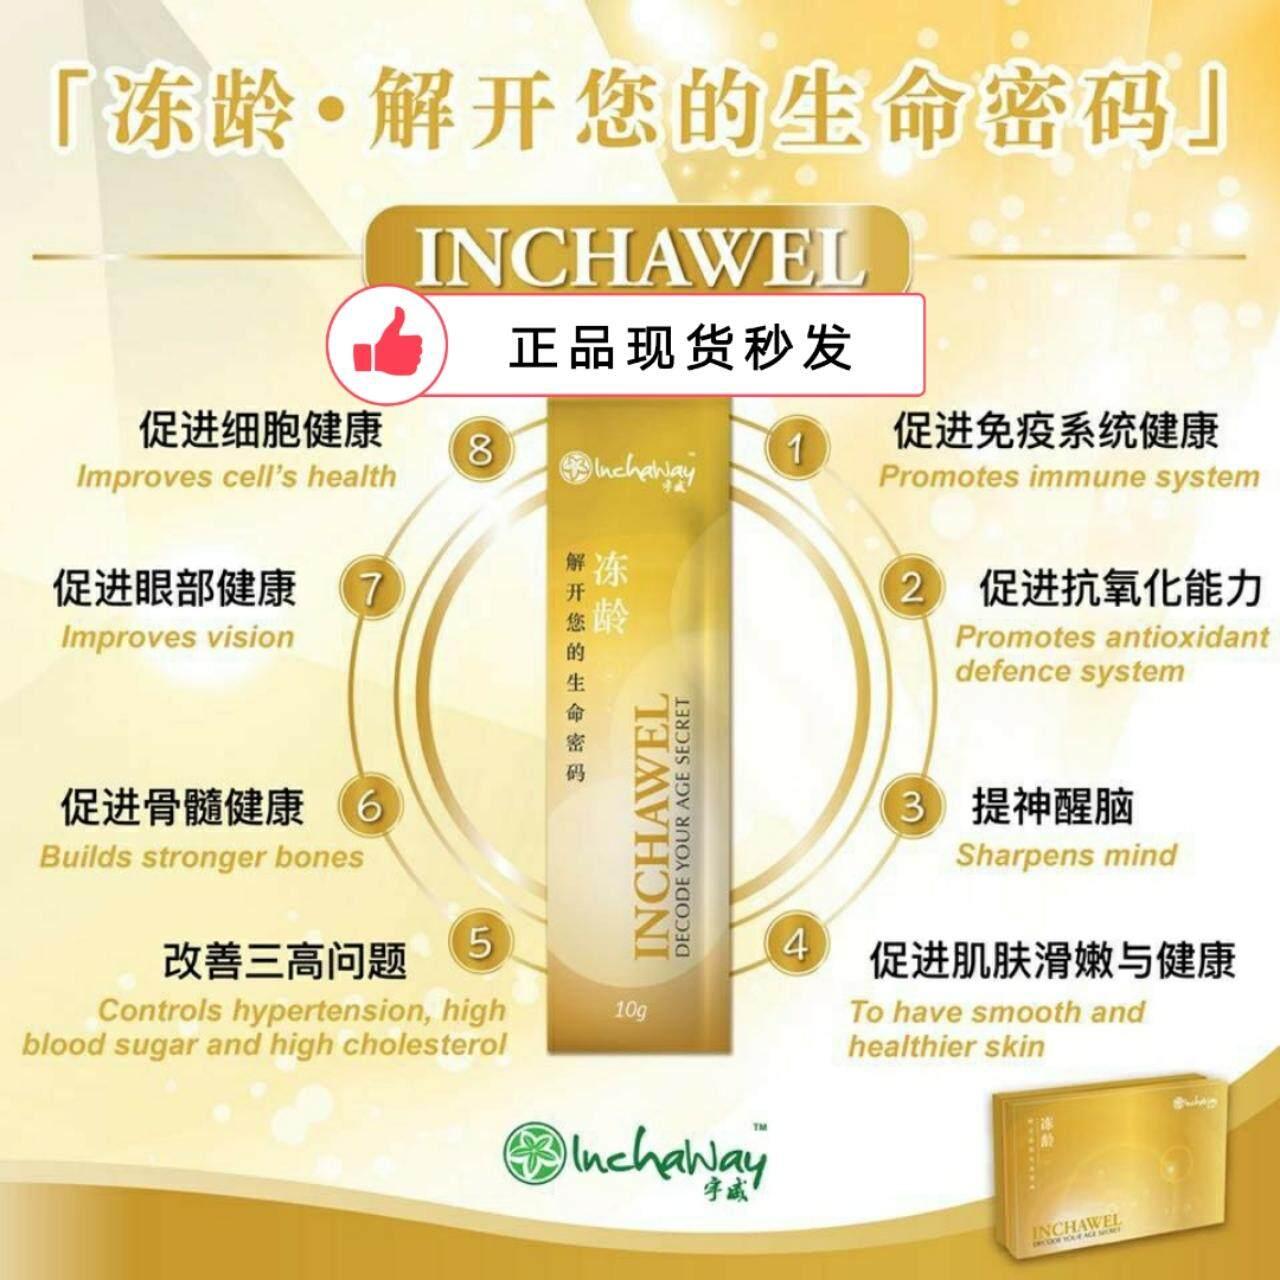 Inchaway Inchawel (10g X 20 Sachets)   (Original) Halal